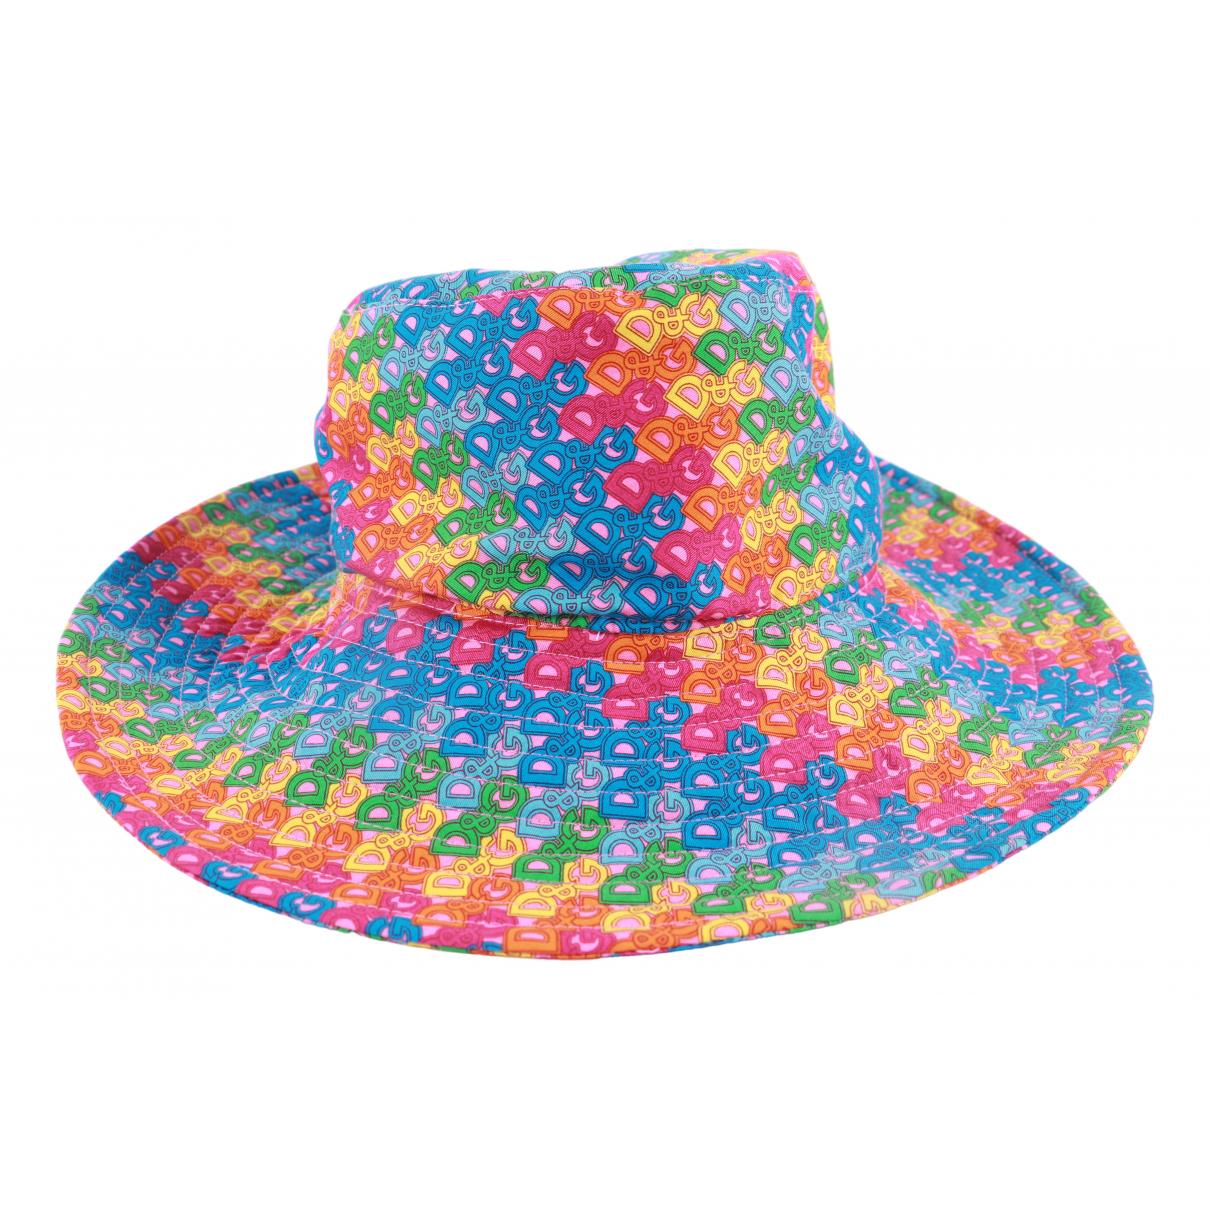 D&g - Chapeau   pour femme en coton - multicolore